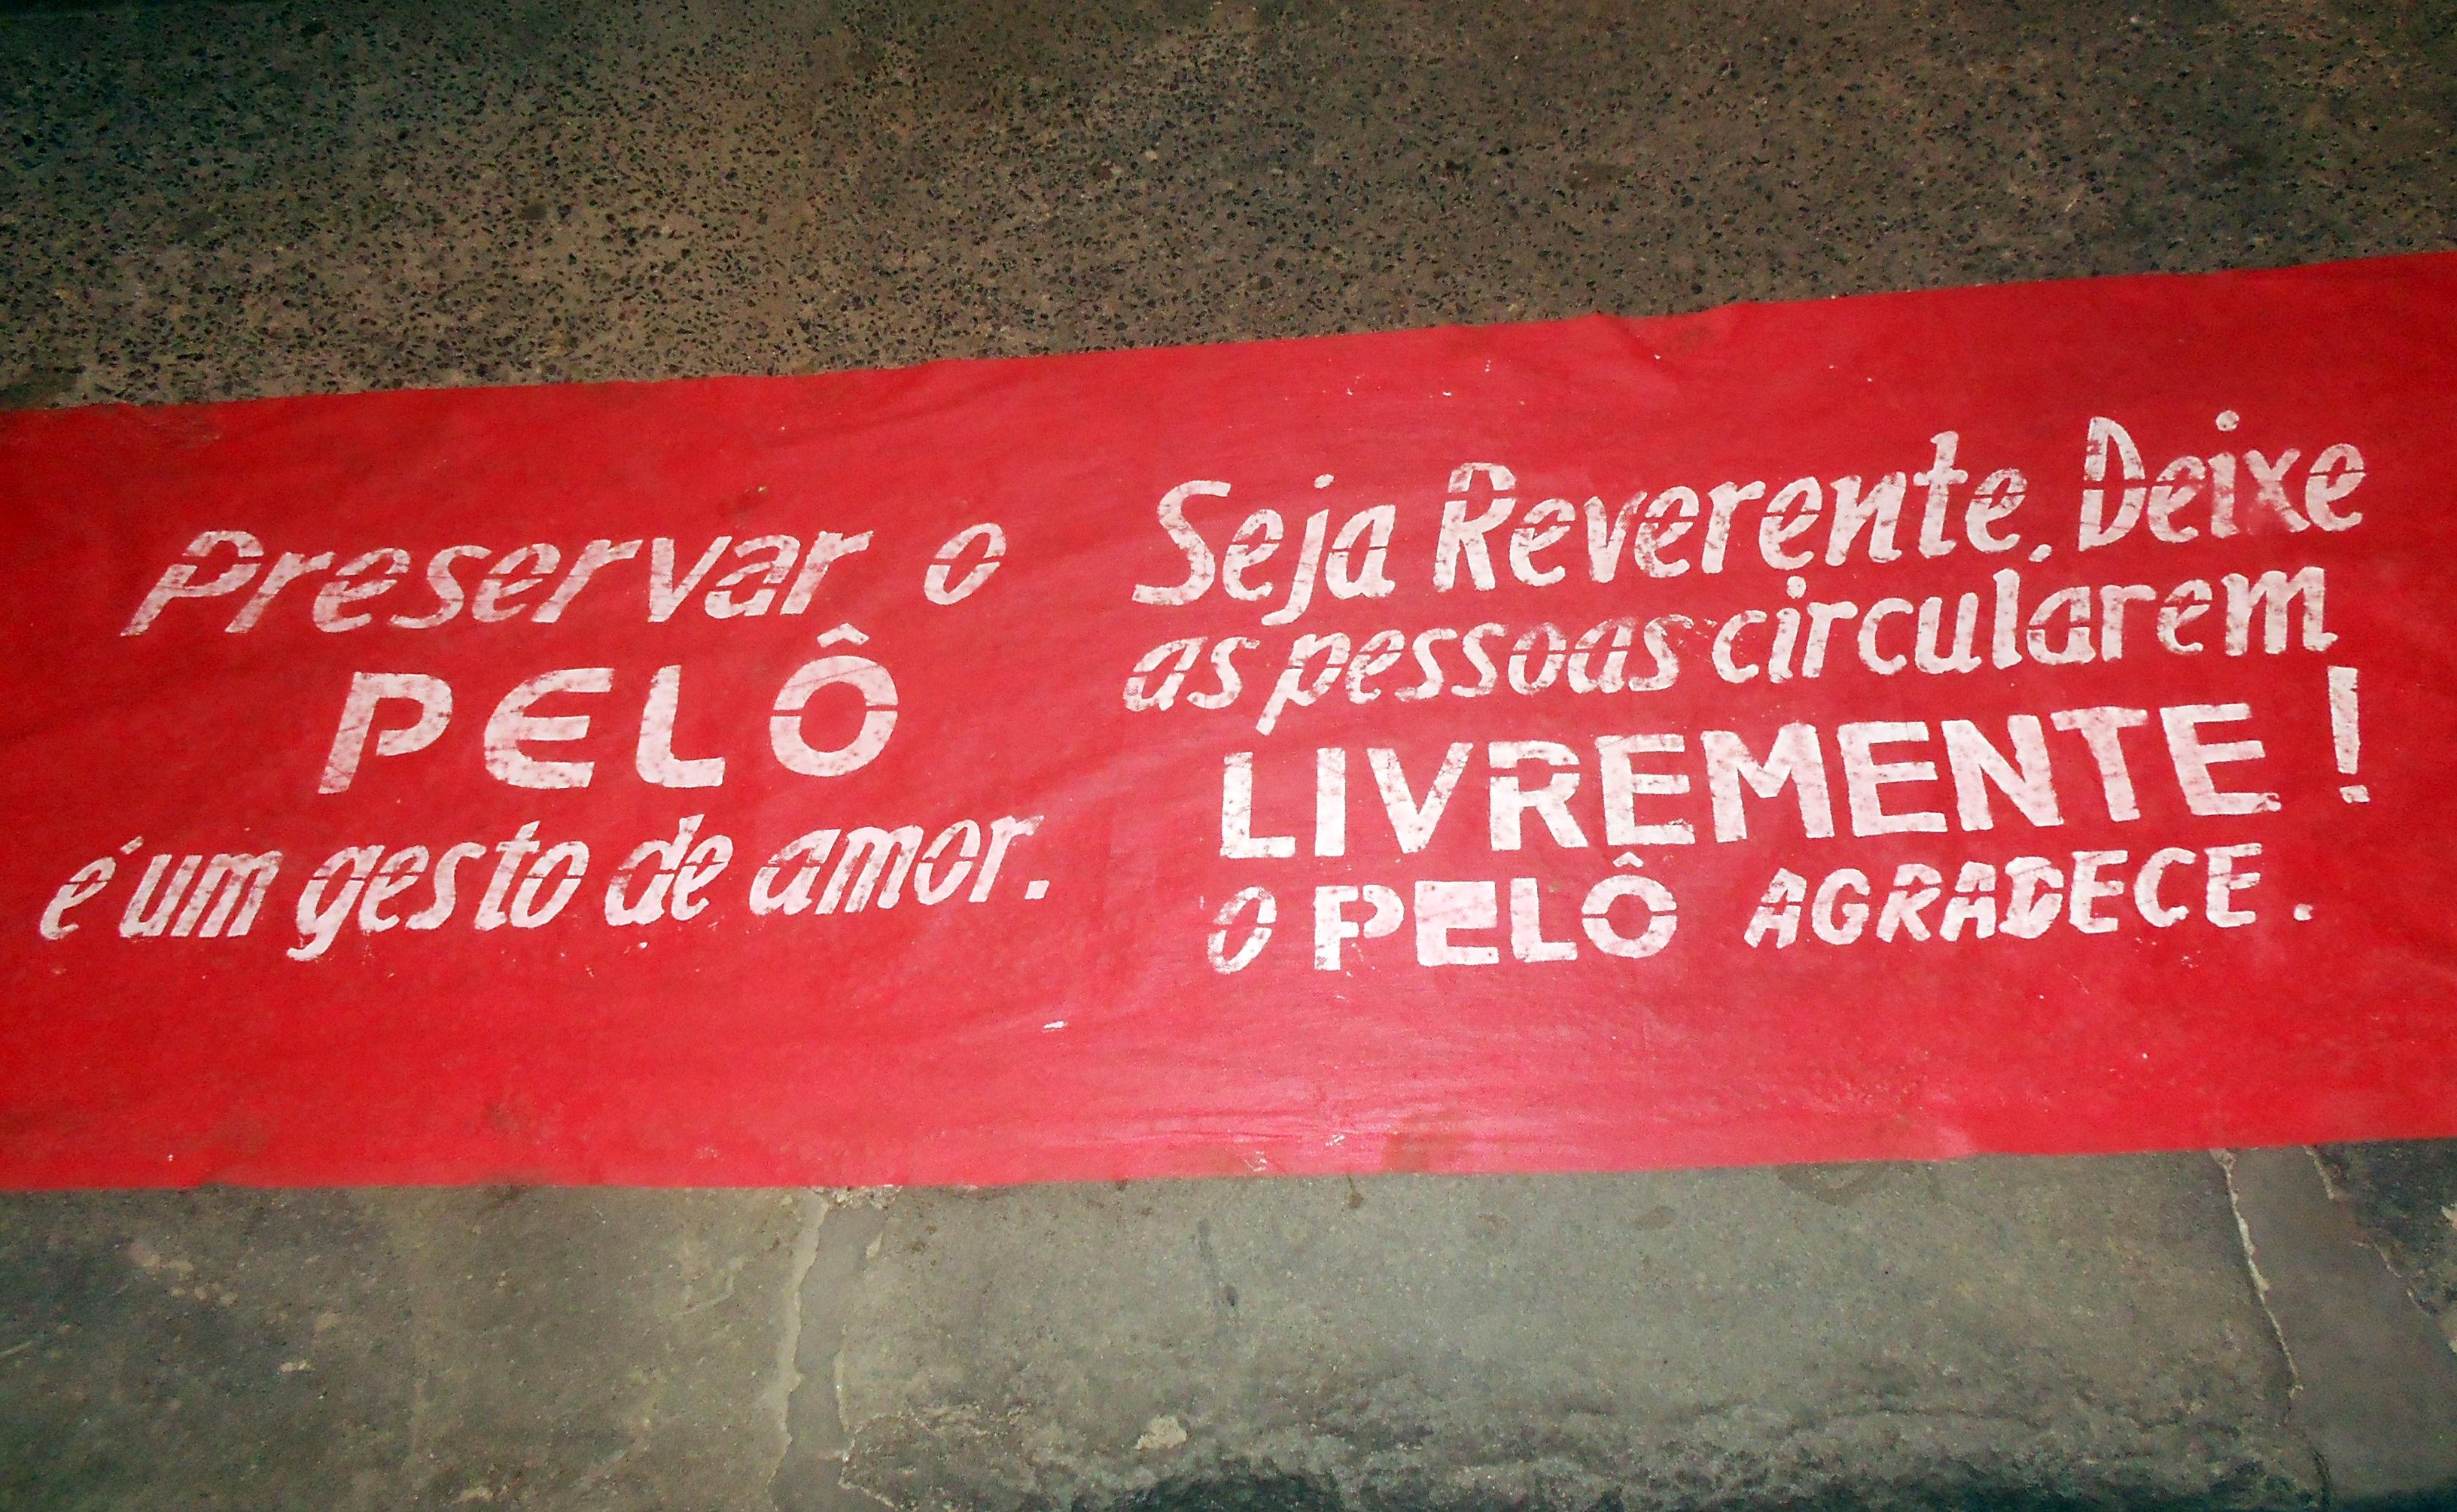 Tapete estendido na rua da Cantina da Lua exorta comunidade a amar o Pelourinho - Foto: Joseanne Guedes/ABI